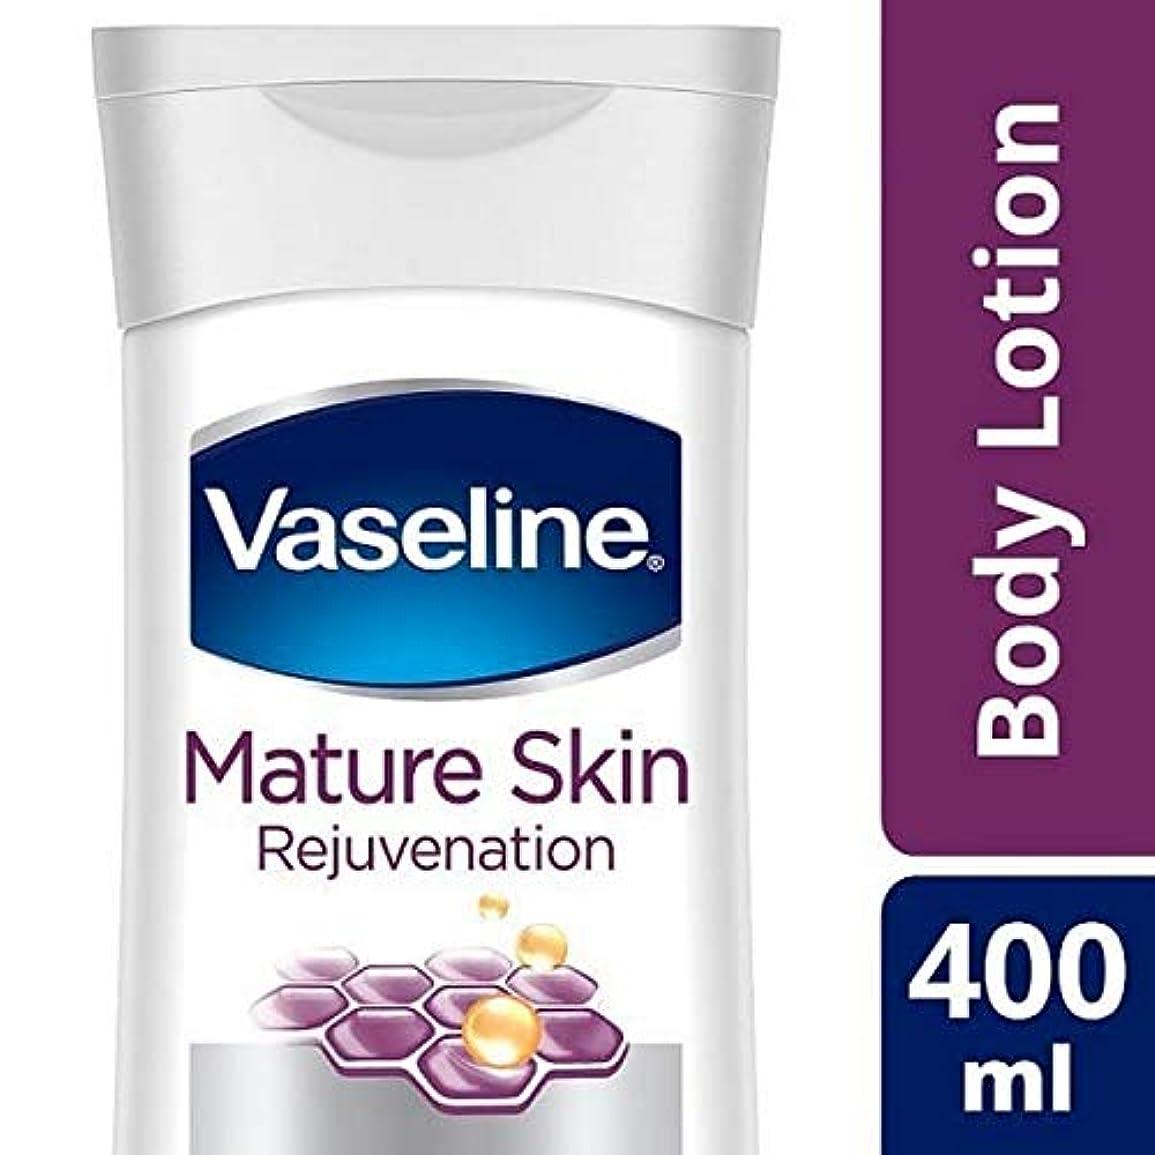 ポインタ番目腐敗[Vaseline ] 成熟した肌のための400ミリリットルワセリン集中治療ボディローション - Vaseline Intensive Care Body Lotion for Mature Skin 400ml [並行輸入品]